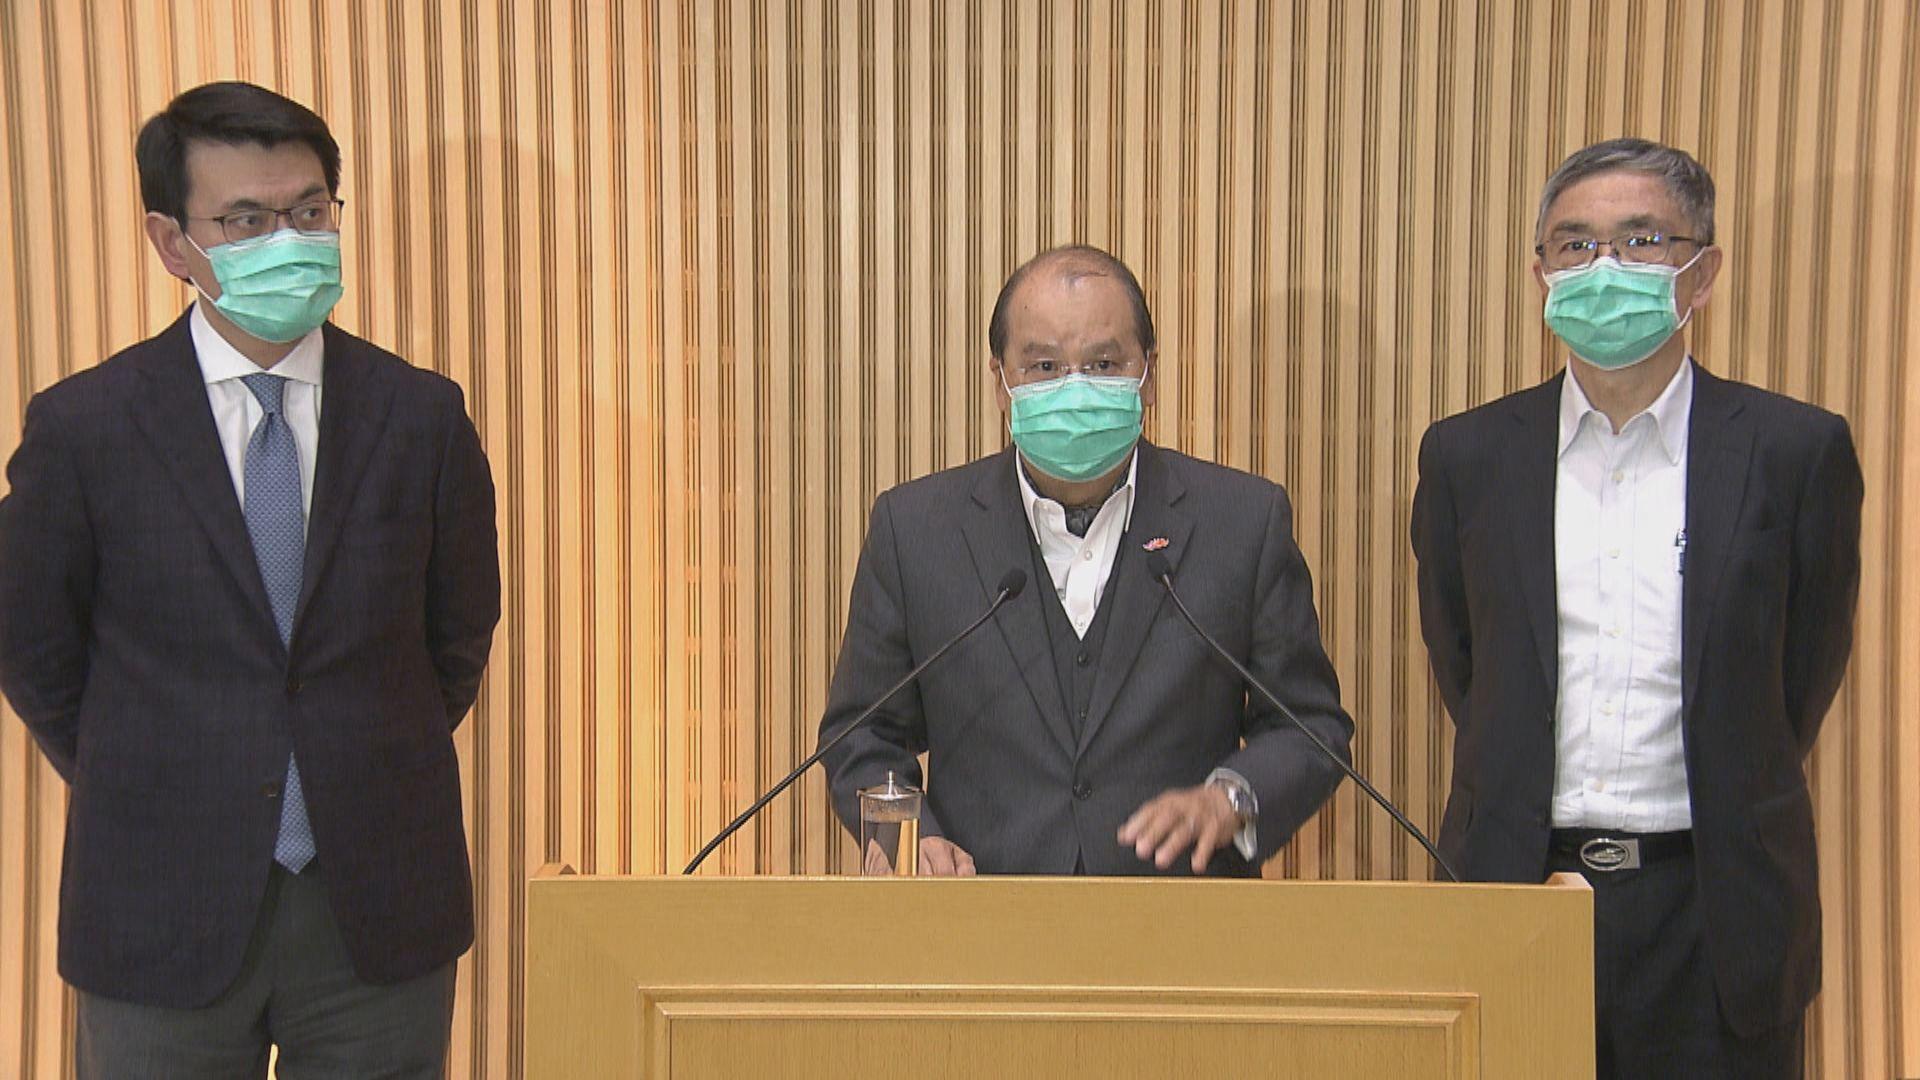 張建宗:政府向小型供應商訂購口罩予私家醫生